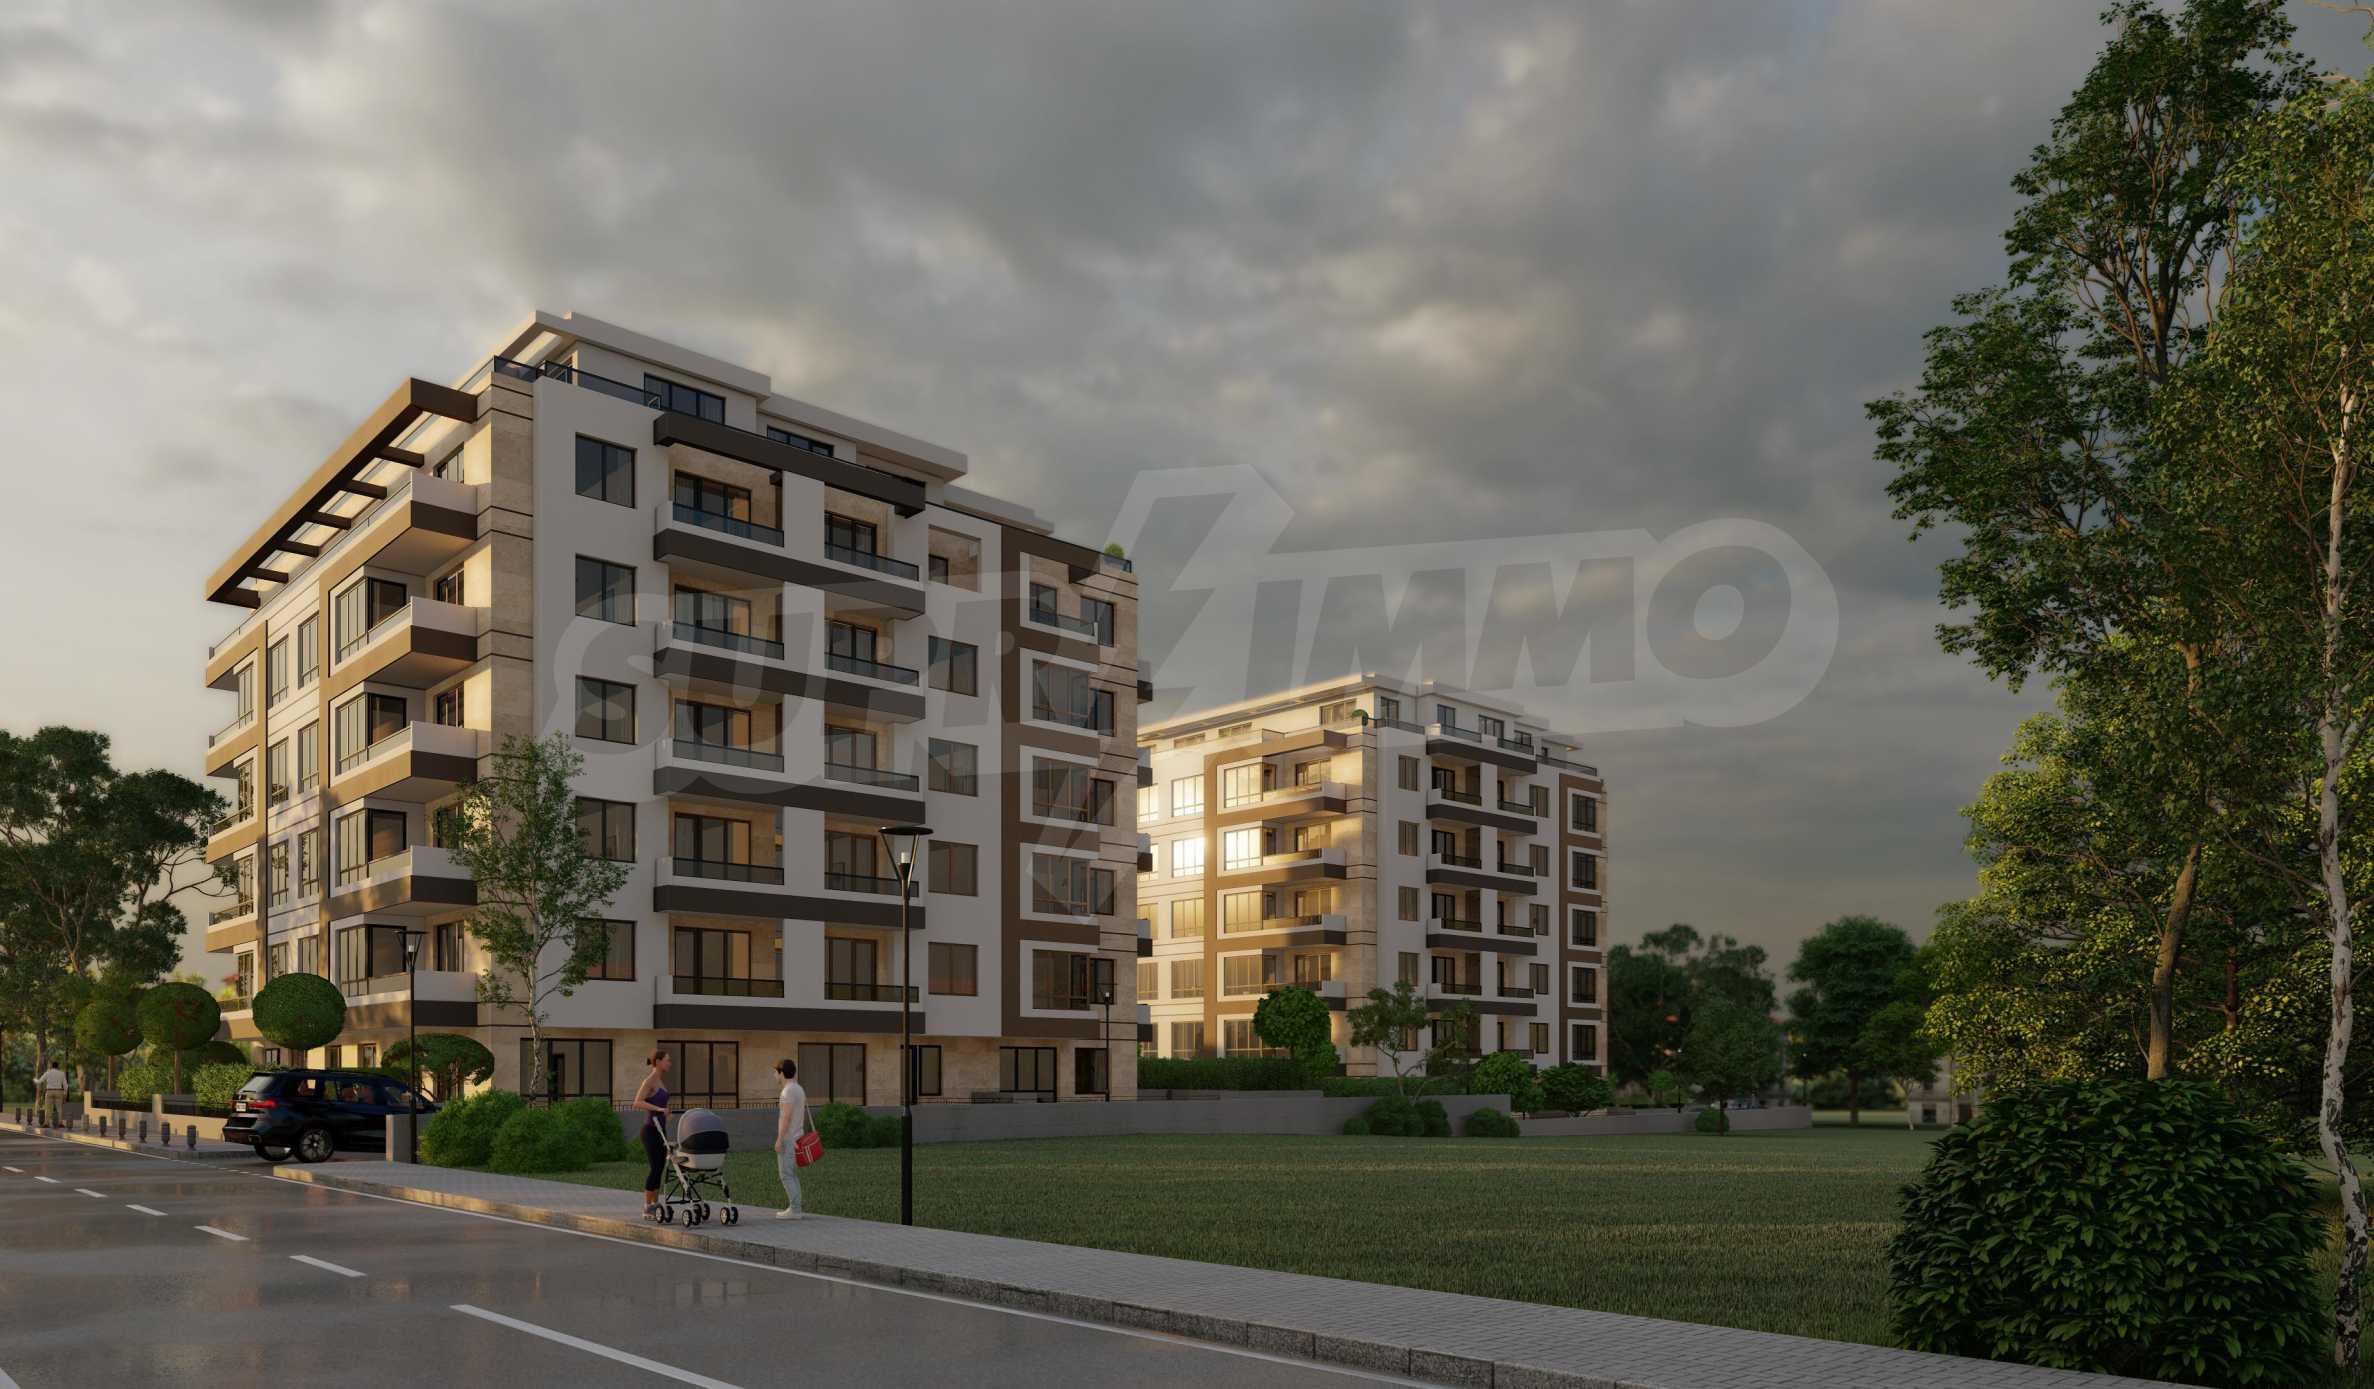 Привлекательная недвижимость в новом комплексе рядом с торговым центром Paradise и станцией метро 5